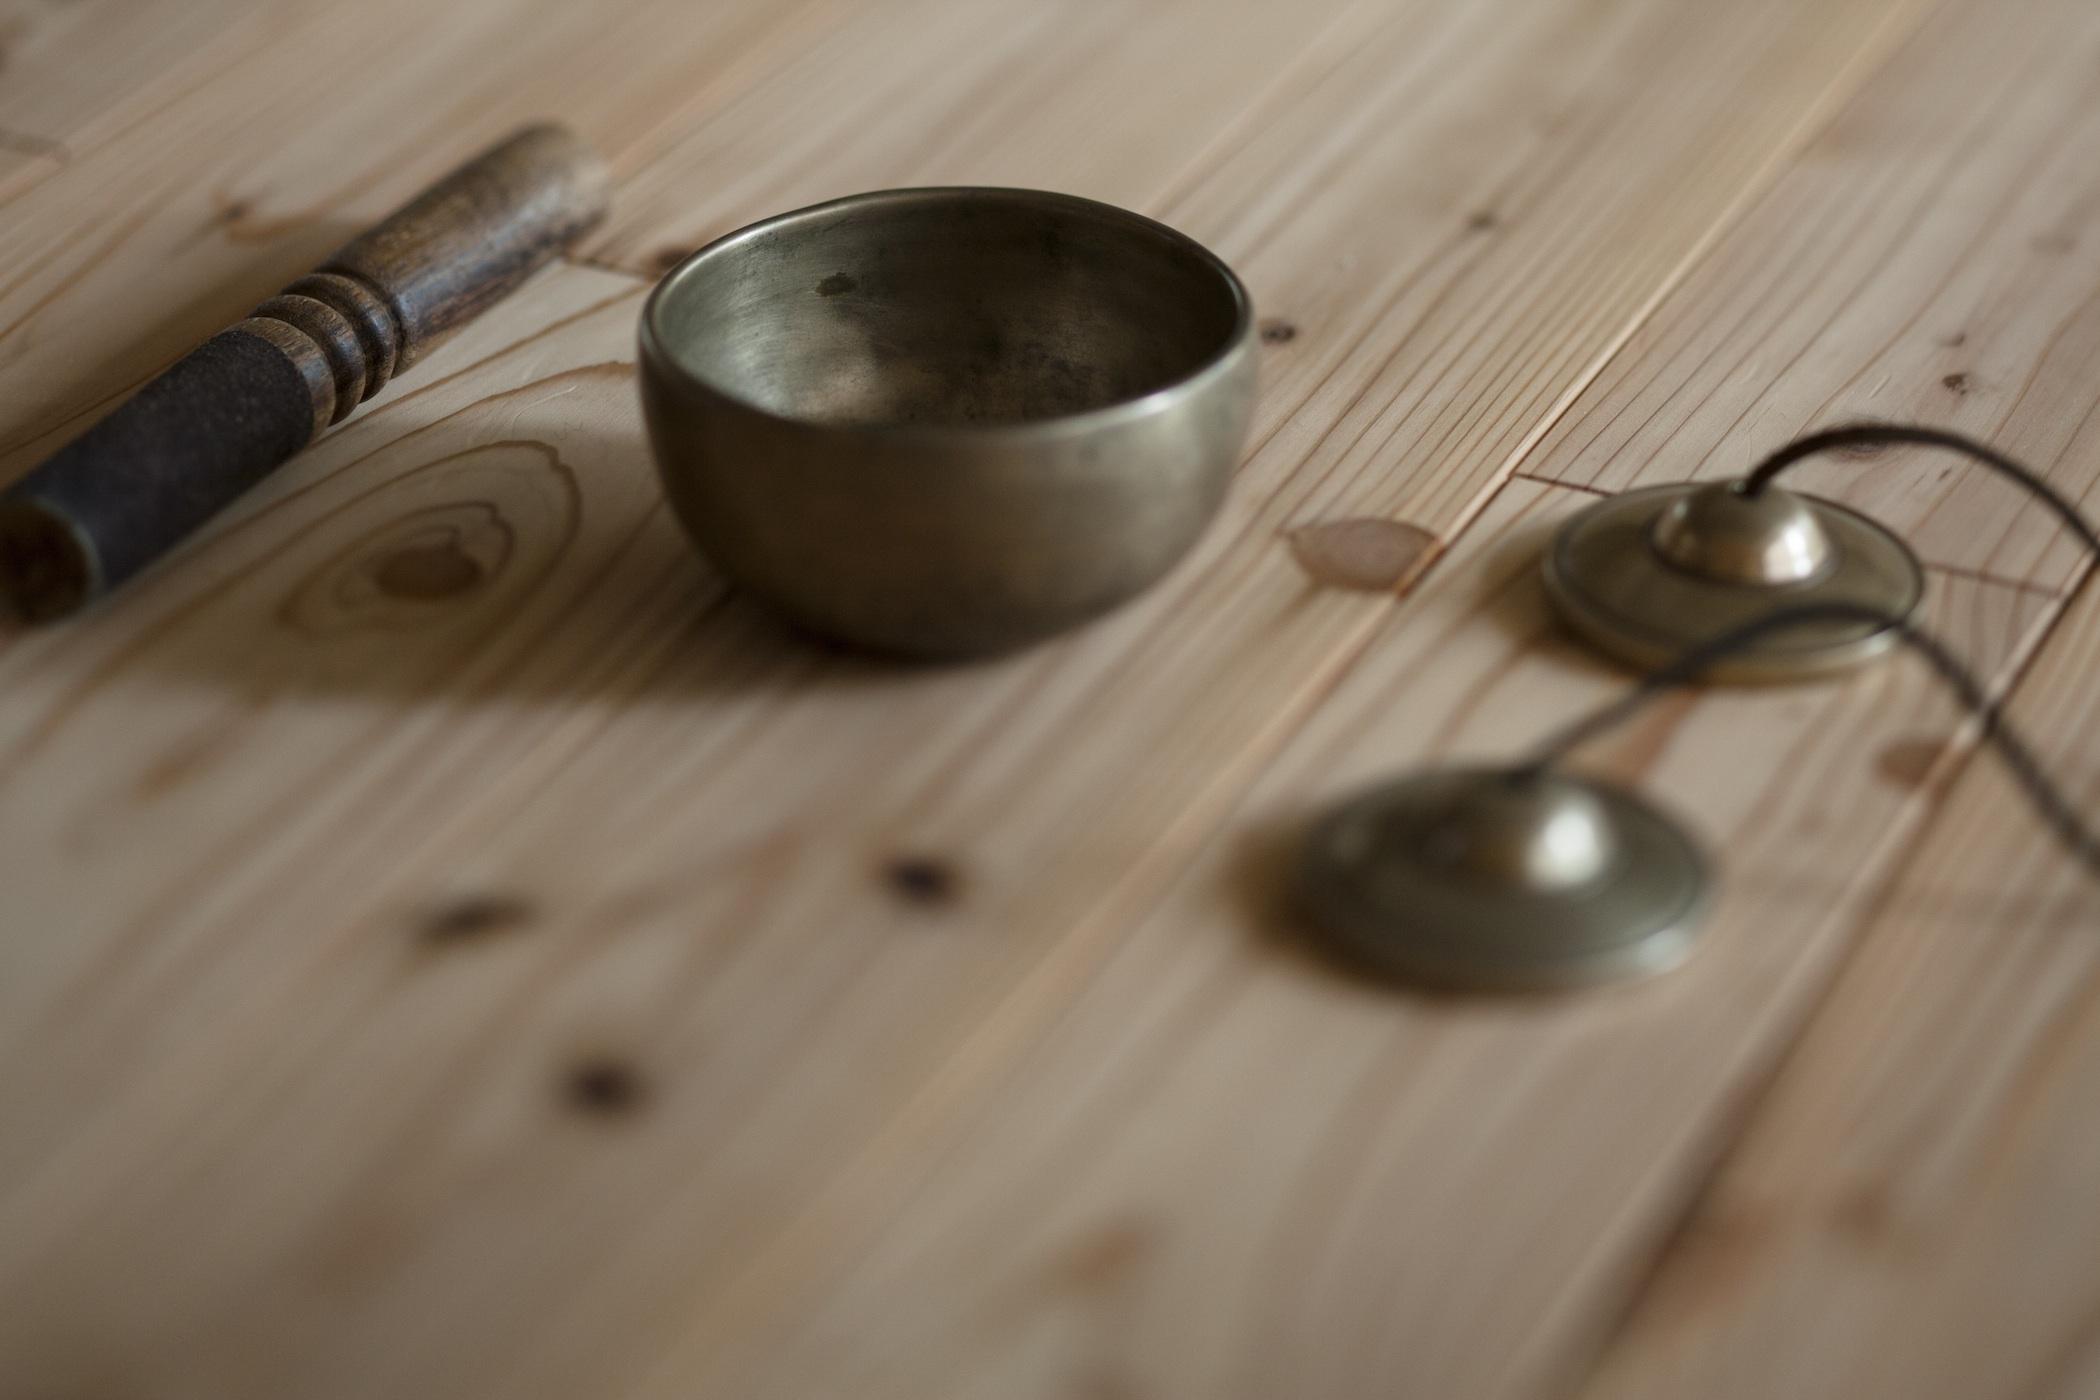 マインドフルネス(瞑想)でストレスを軽減し健康でポジティブな自分を。/ReebokONEアンバサダー松川明広/AKI@スポル品川大井町